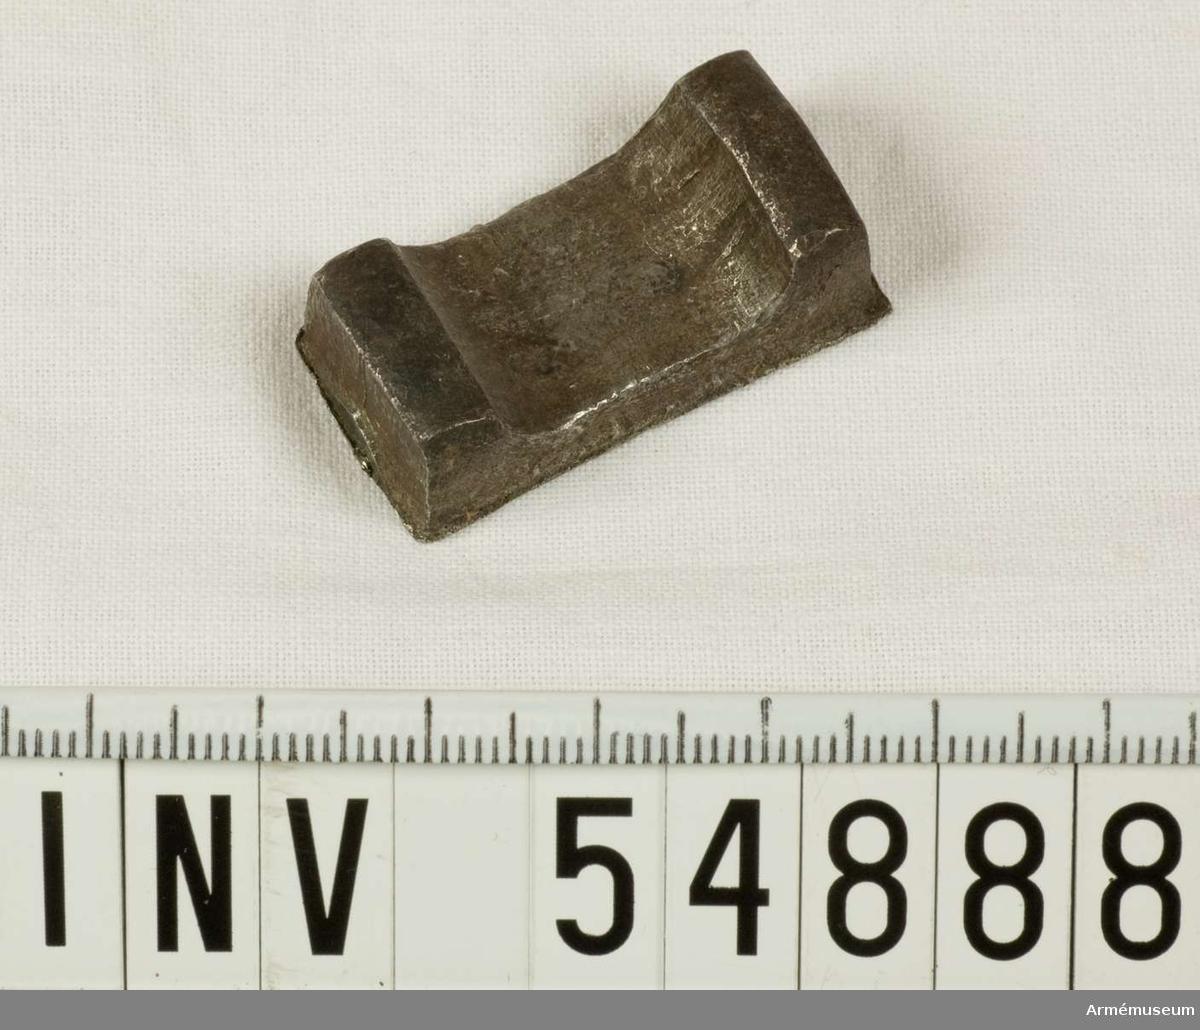 Grupp E VIII.   Del till pipa. Nr 3 (av 9. Ev. saknas en 10:e.) i tillverkningsordningen. Gevärsdel t 1867 års gevär m/1867; en av c:a 400 delar.